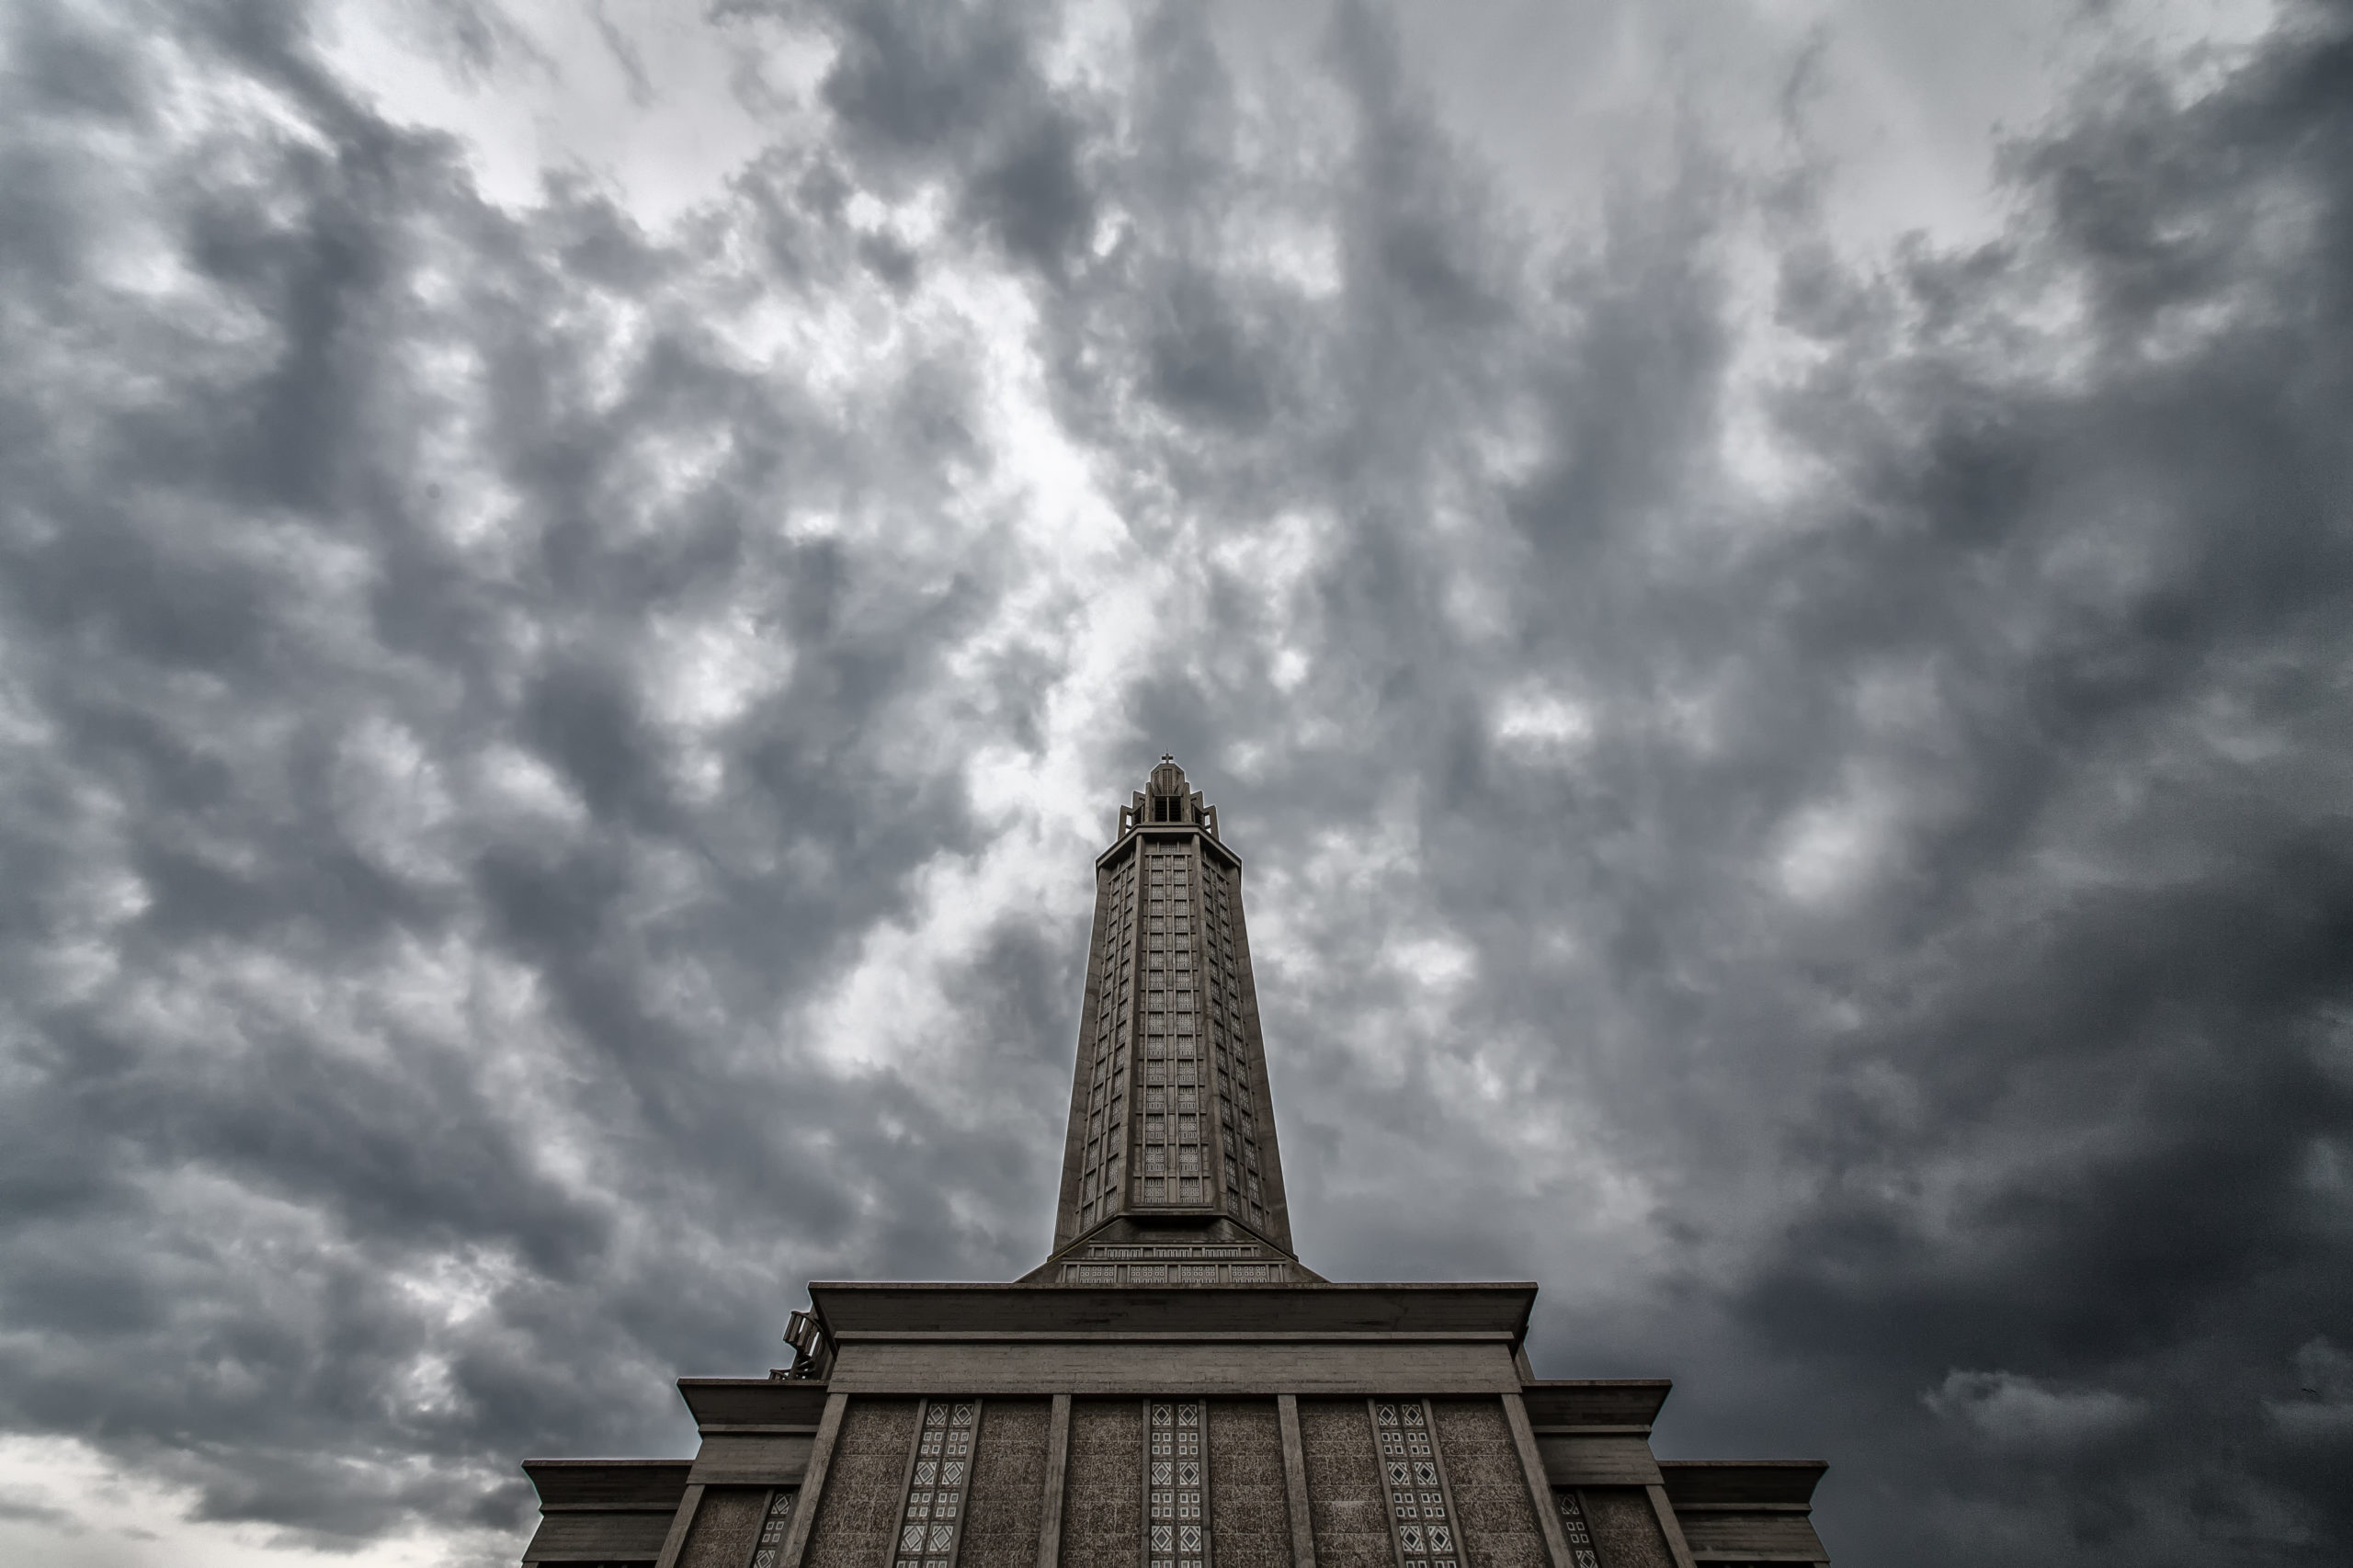 Église Saint Joseph - Le Havre (76)